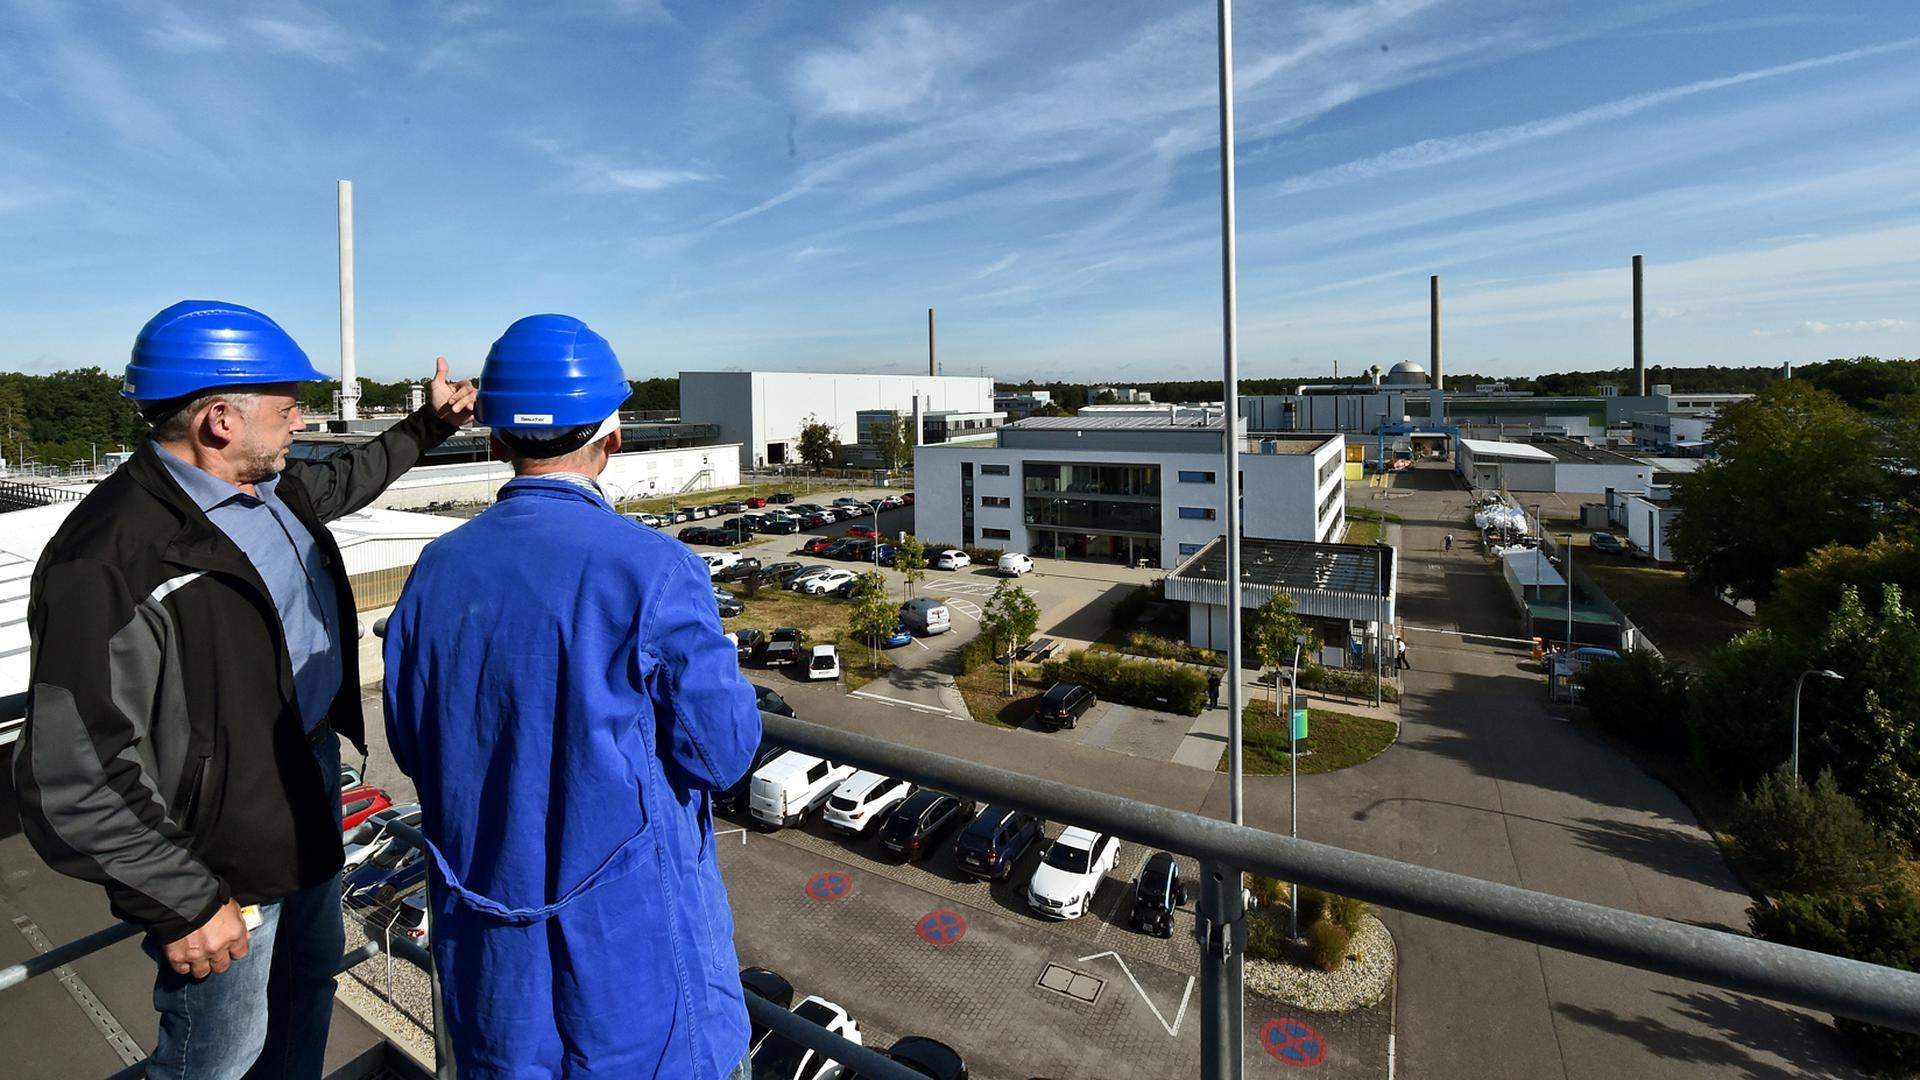 Blick auf die früheren kerntechnischen Großanlagen des Forschungszentrums Karlsruhe: Das Unternehmen KTE (Kerntechnische Entsorgung Karlsruhe) hat die Aufgabe, sie komplett zurückzubauen und den Müll zu entsorgen.